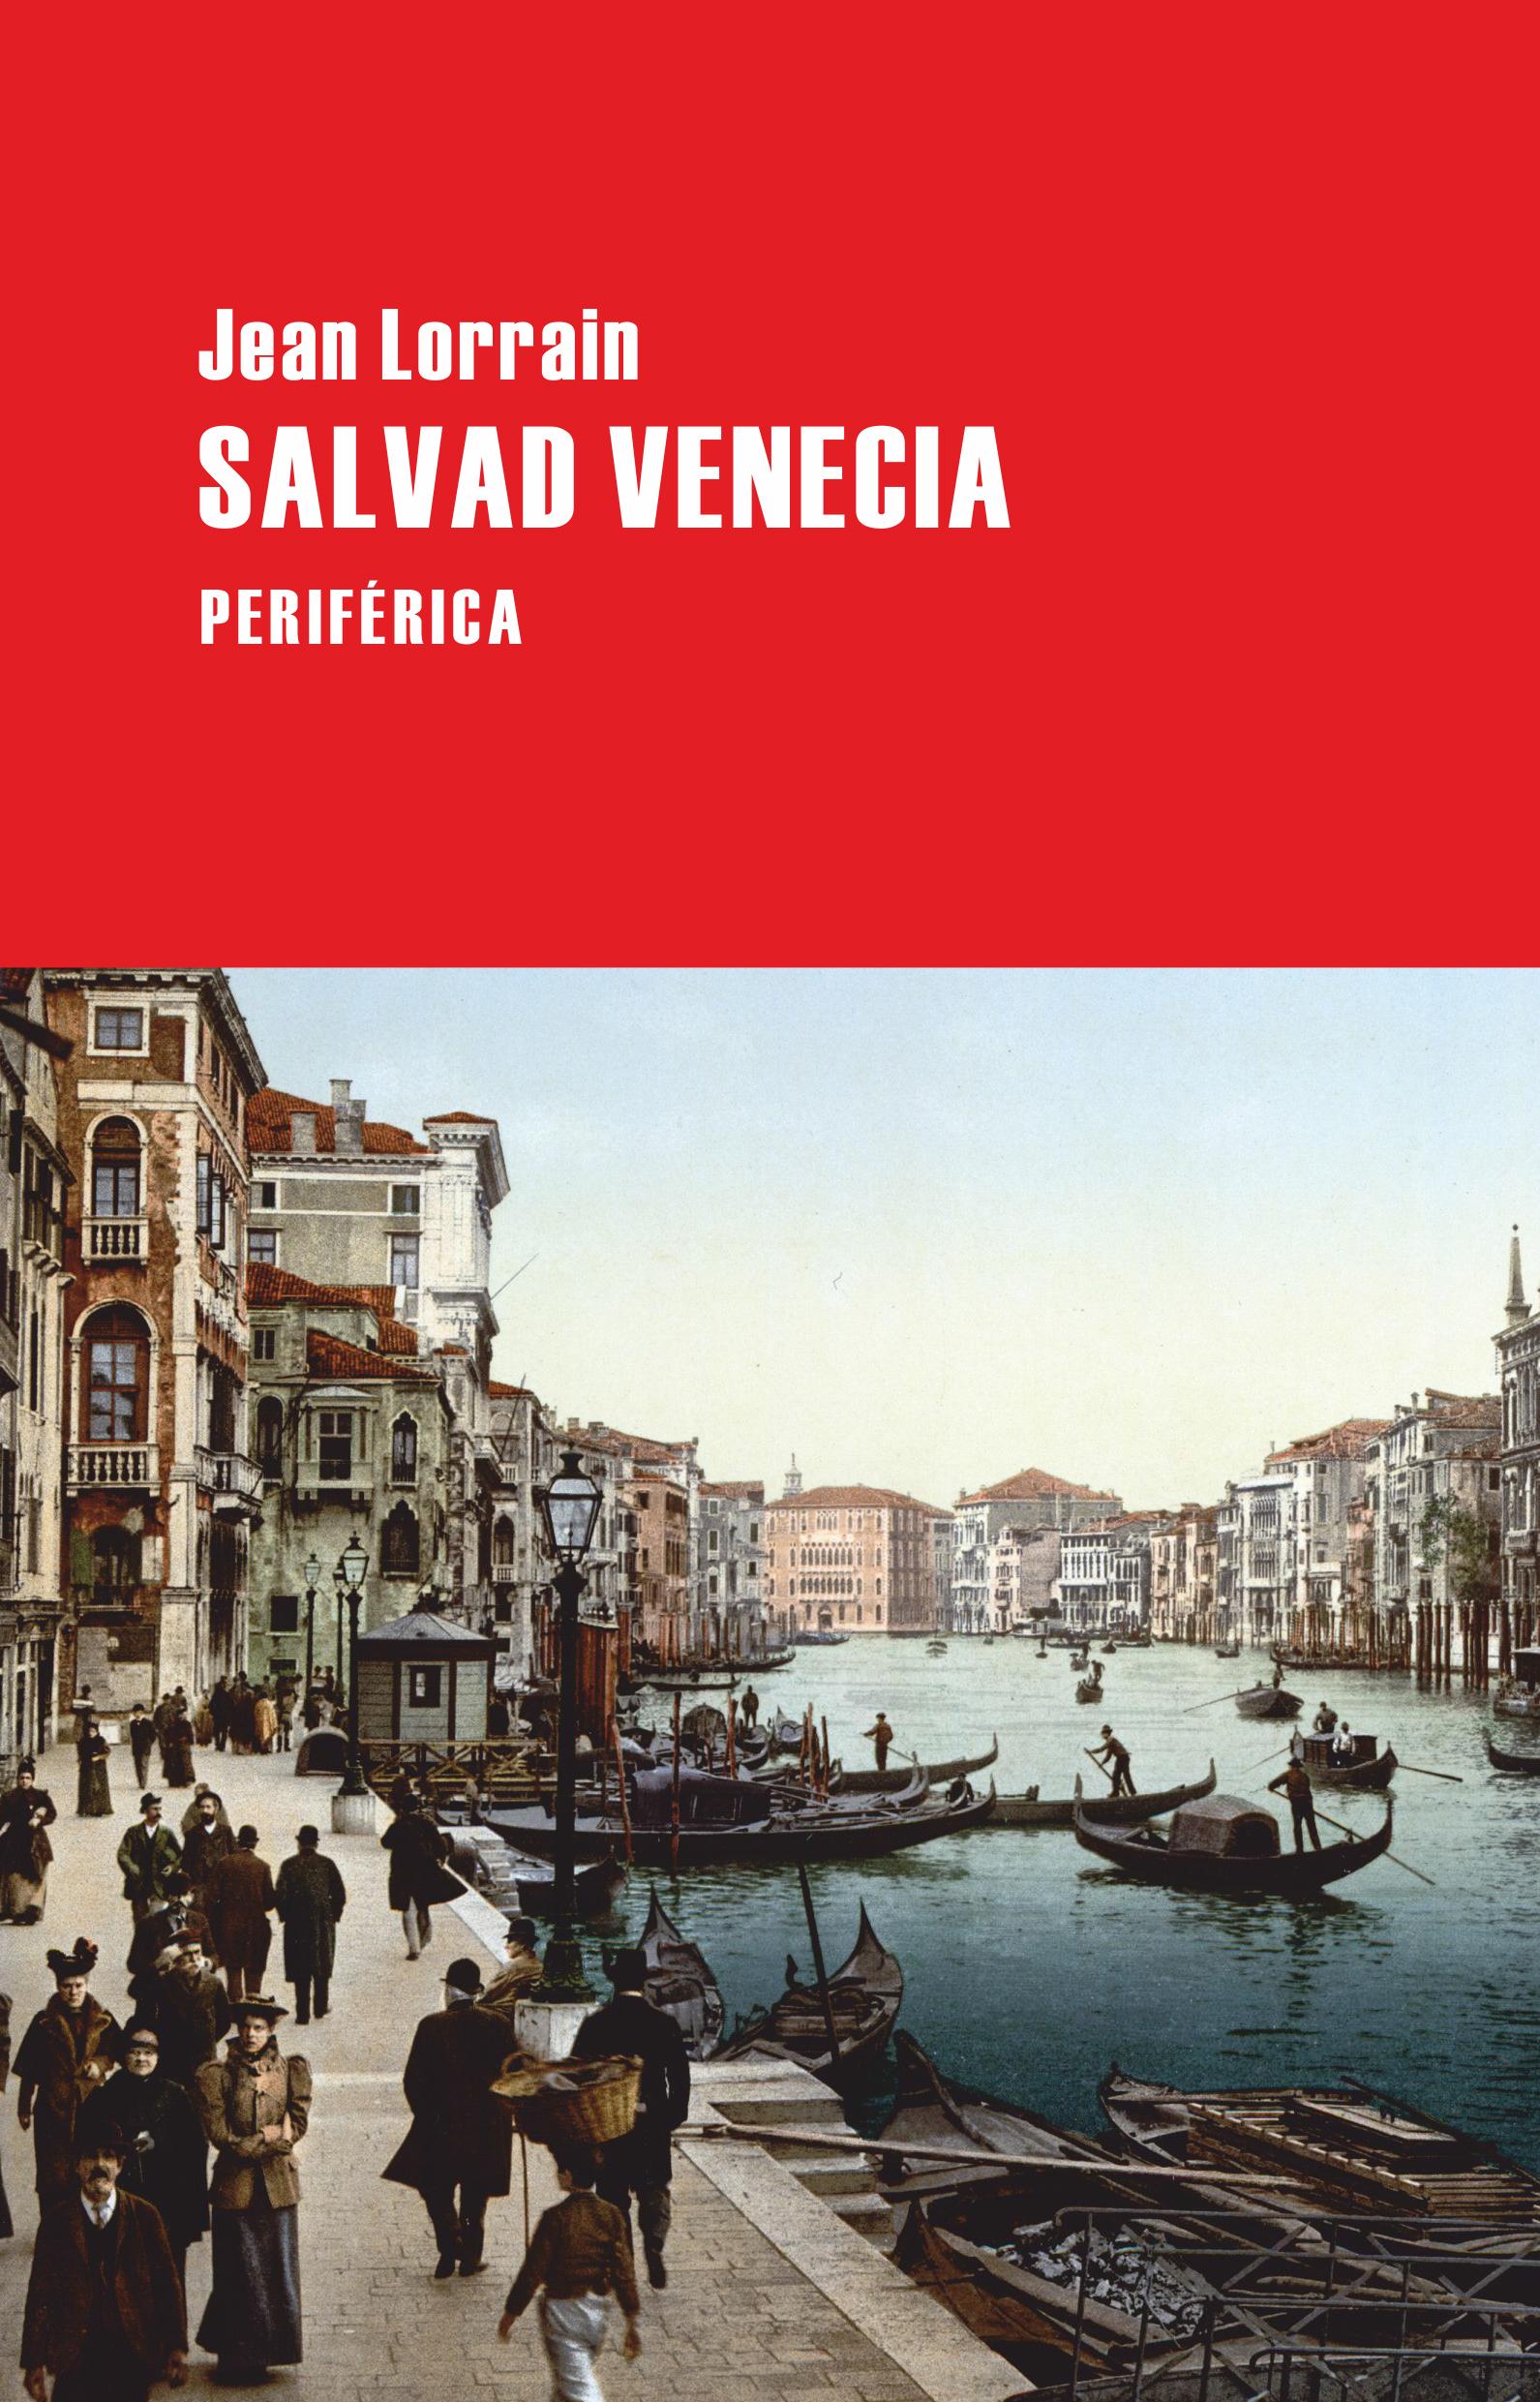 Salvad Venecia